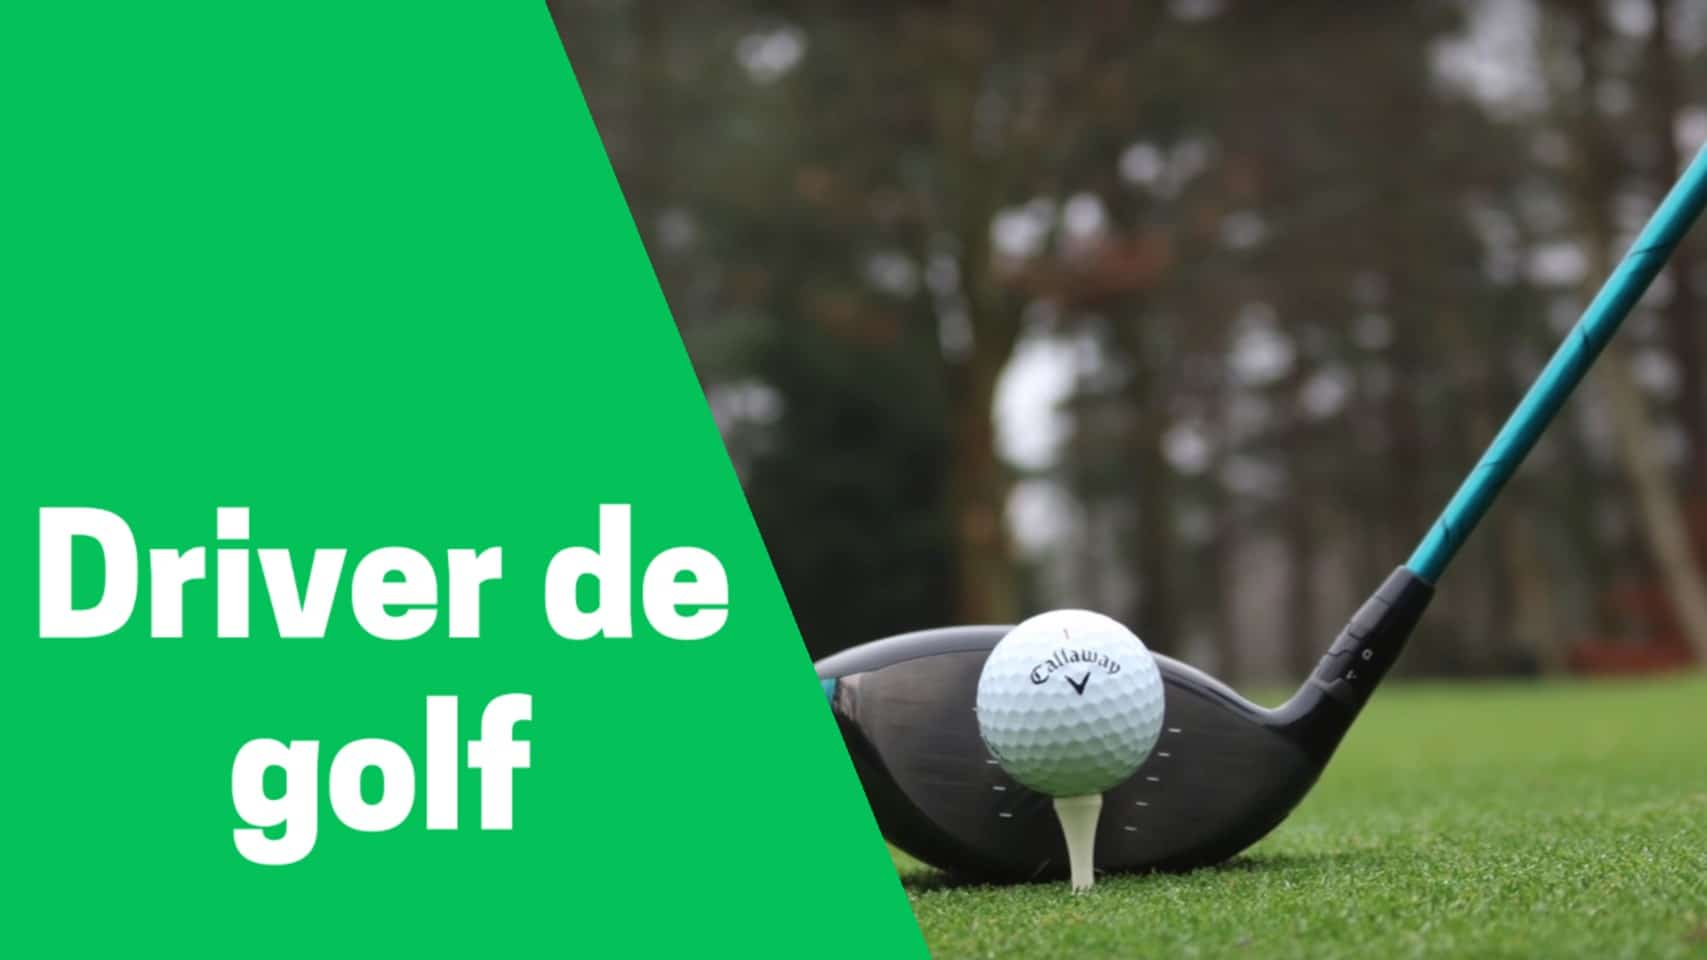 Meilleur driver de golf comparatif avis test guide achat